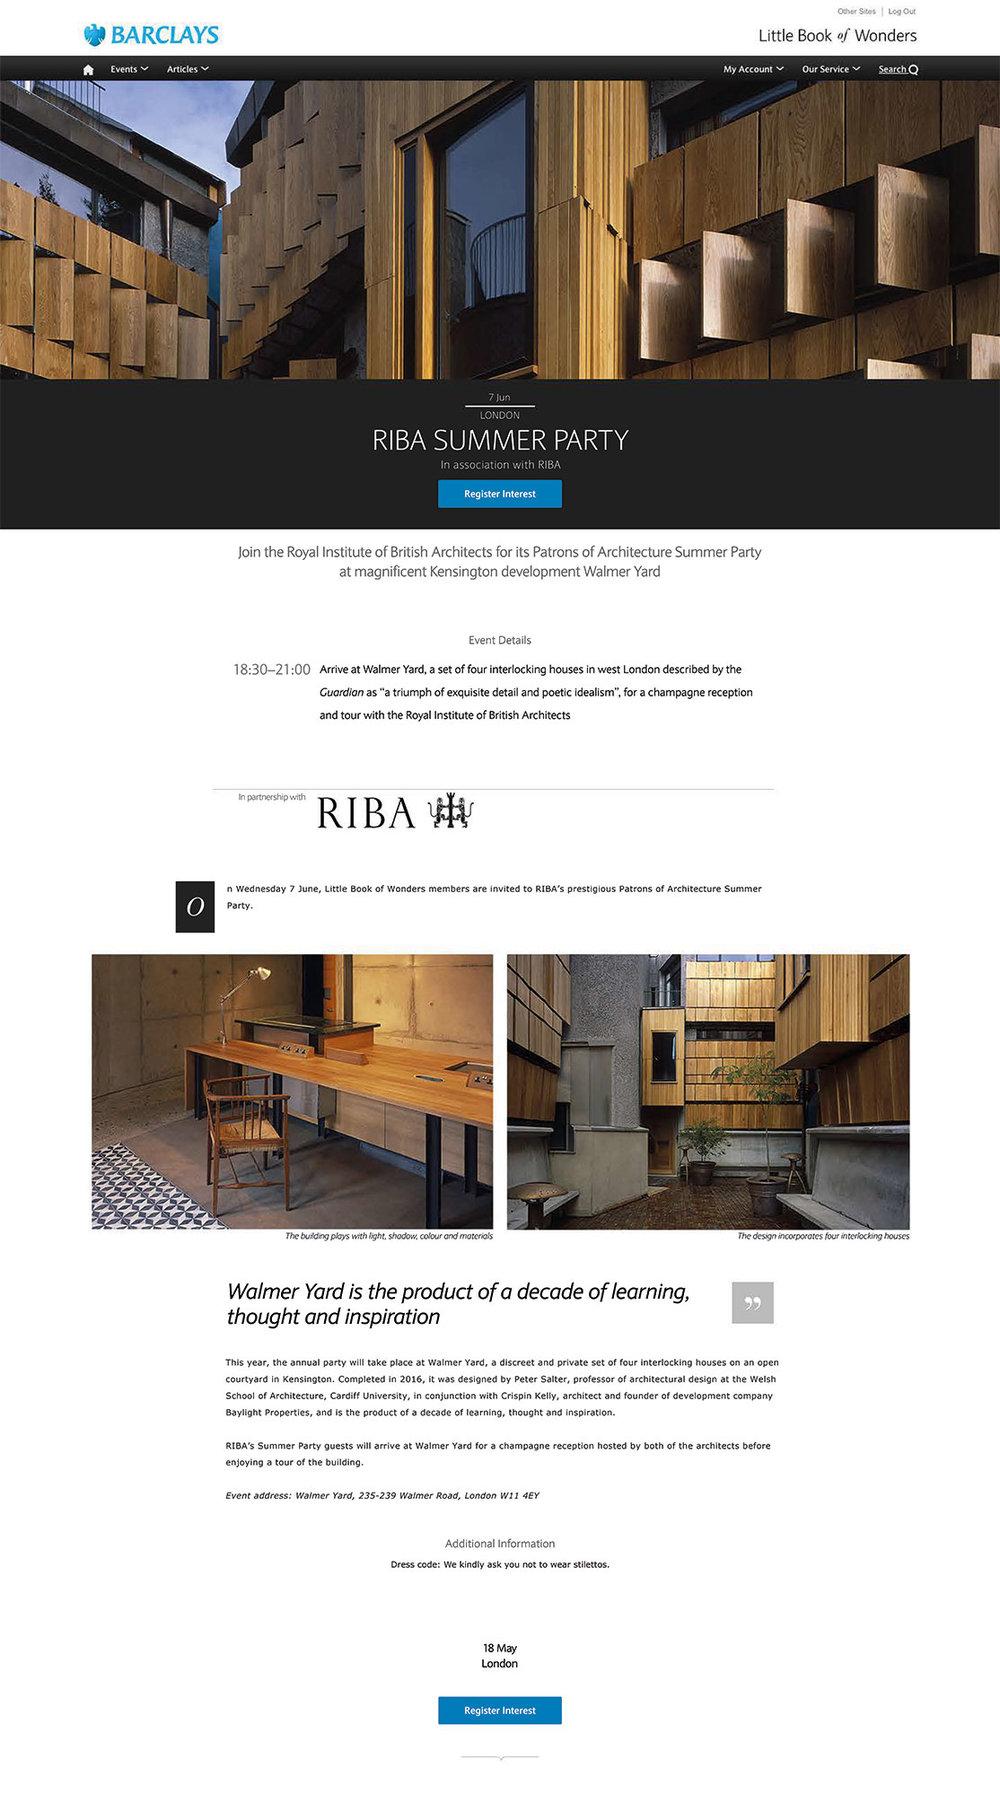 RIBA-SummerParty_070617.jpg